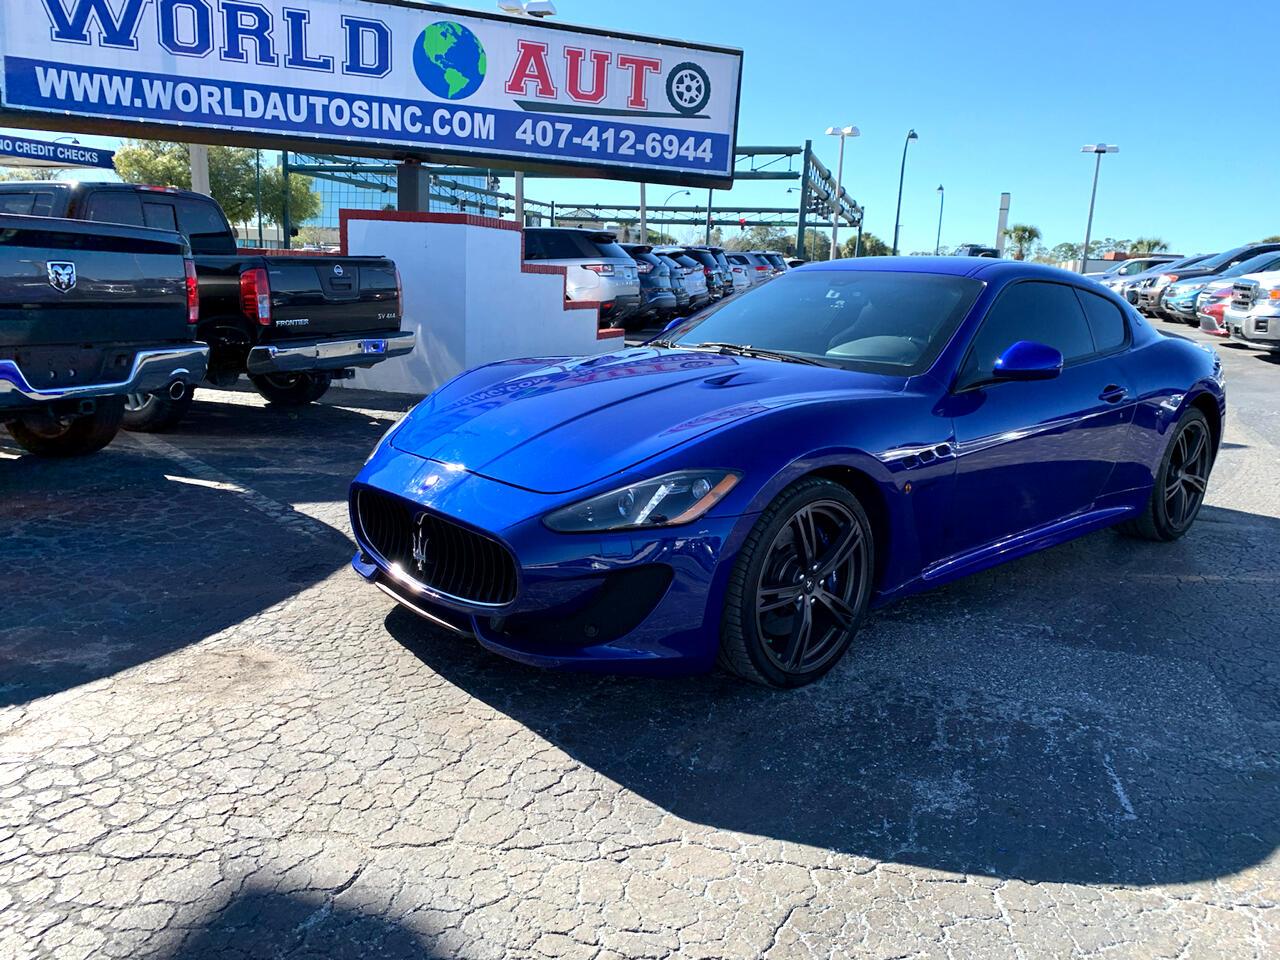 Maserati GranTurismo MC Coupe 2017